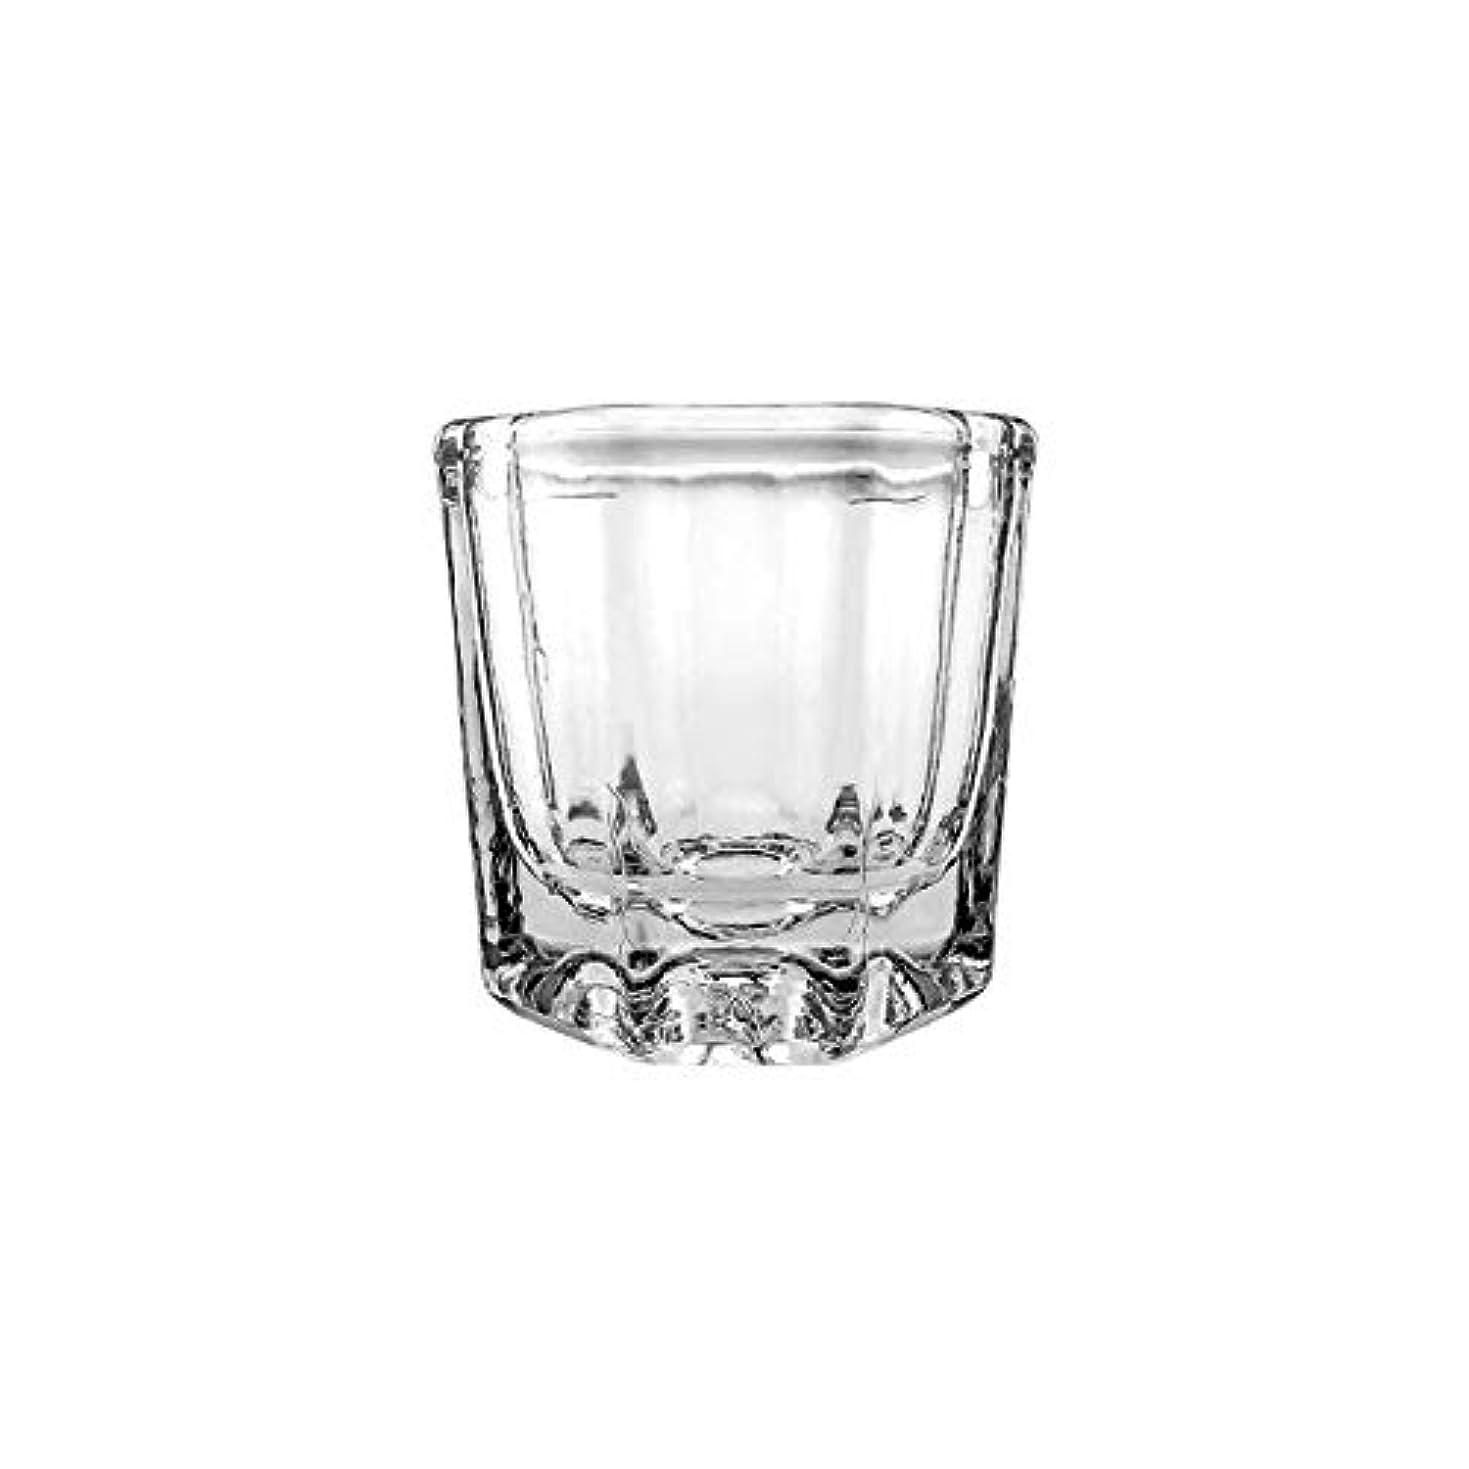 三番開梱拘束LALONA ダッペンディッシュ (ガラス製) (耐溶剤) ジェルネイル スカルプチュア ブラシの洗浄に